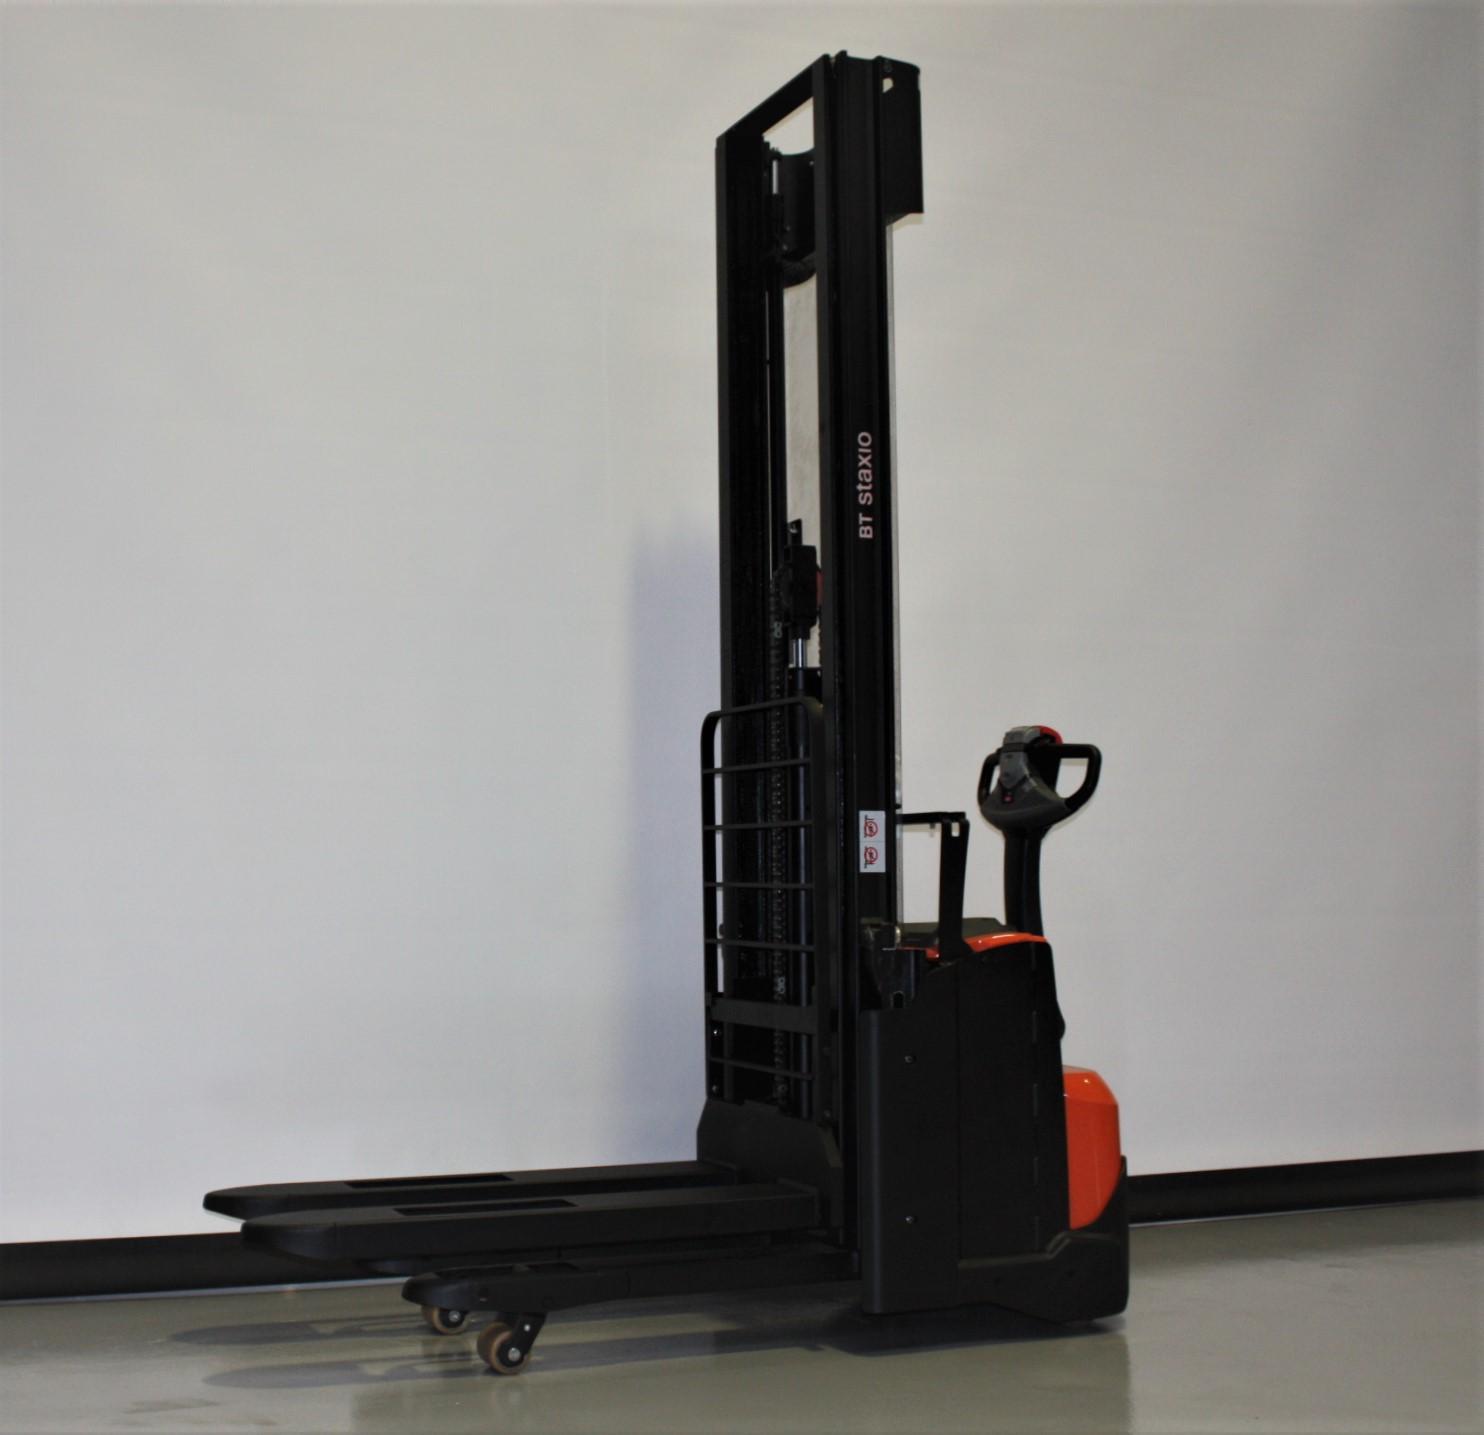 Toyota-Gabelstapler-59840 1911038003 1 7